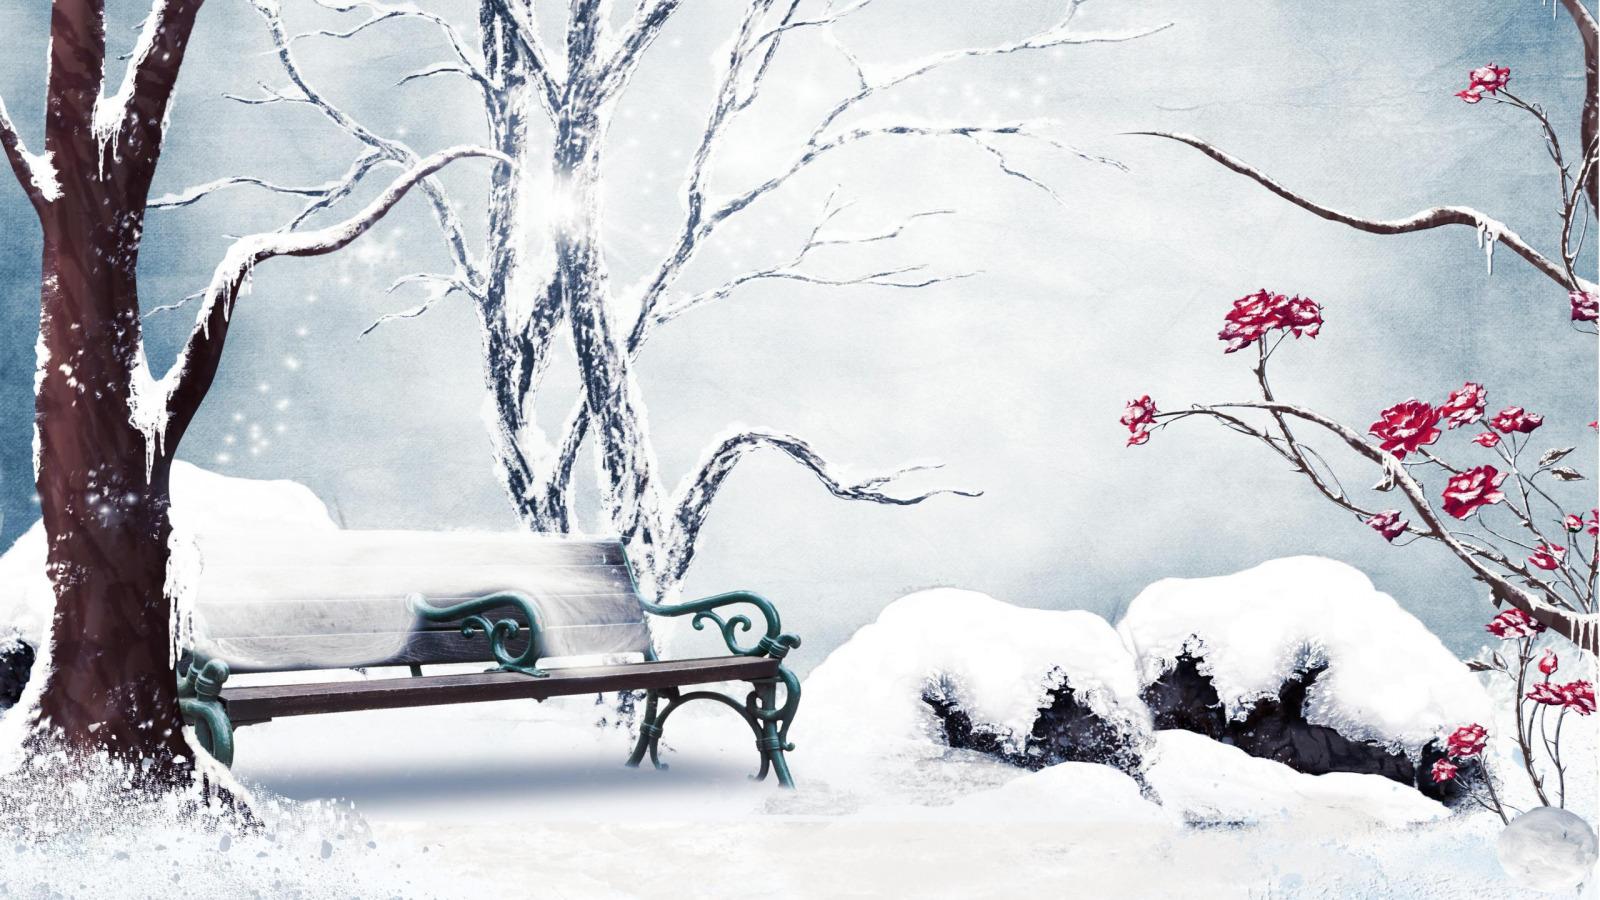 нарисованная зима обои на рабочий стол № 1239641 без смс